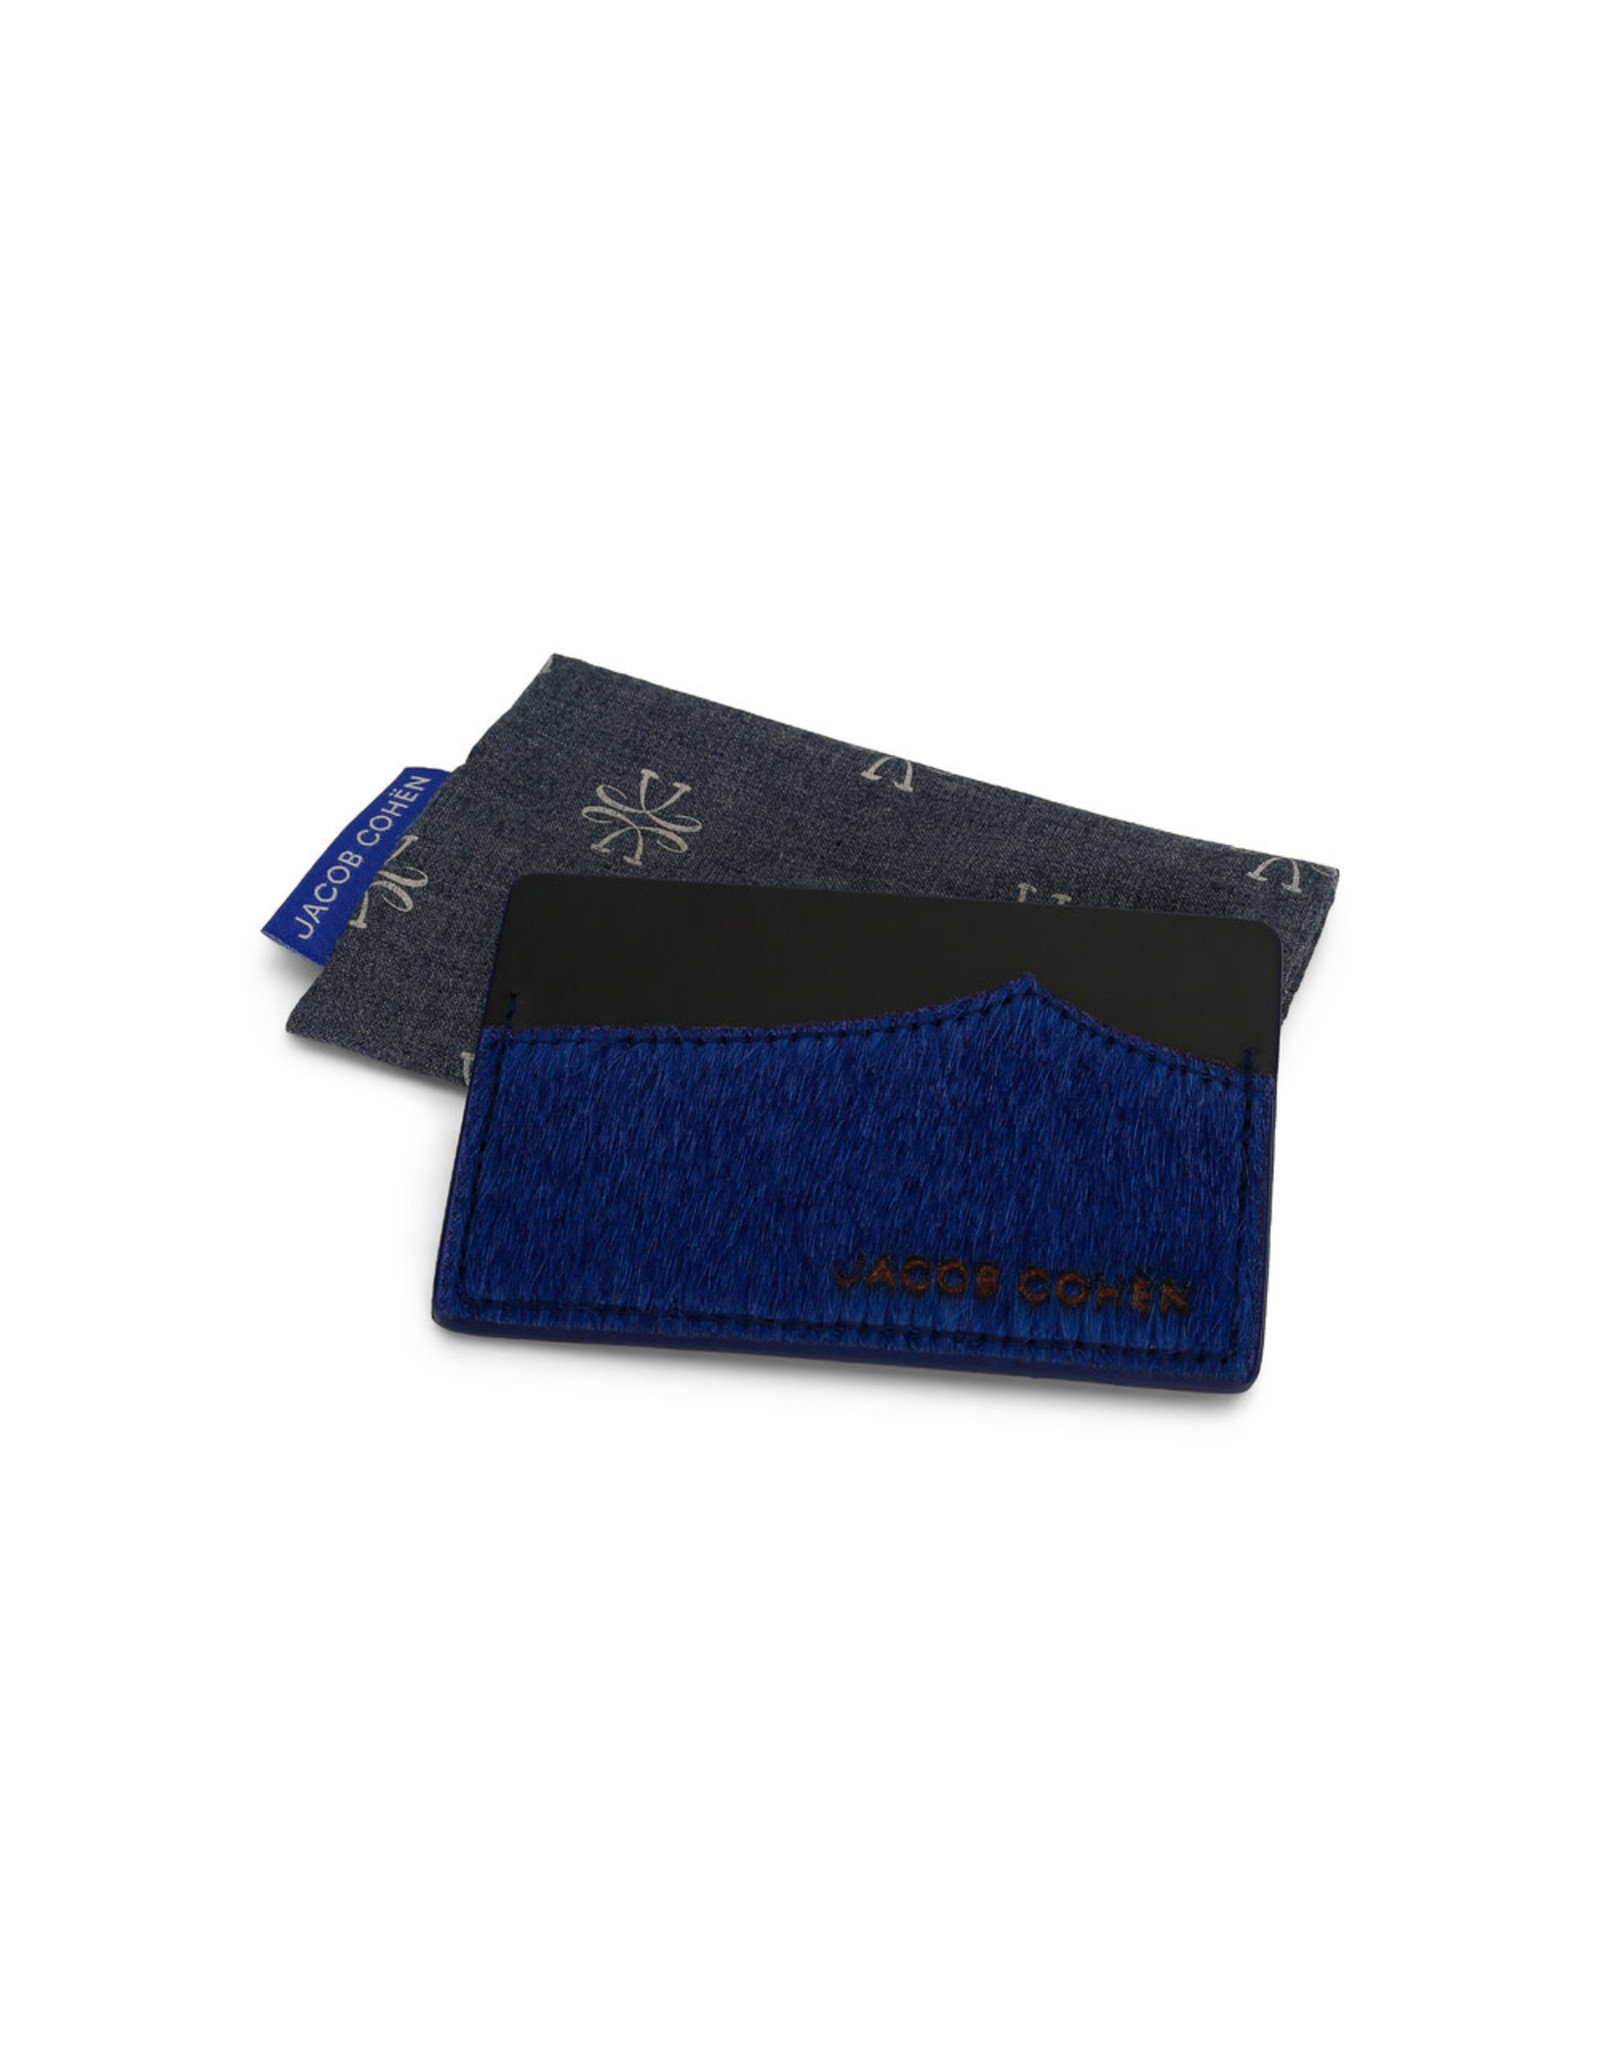 JACOB COHEN JACOB COHEN Card Holder BLUE